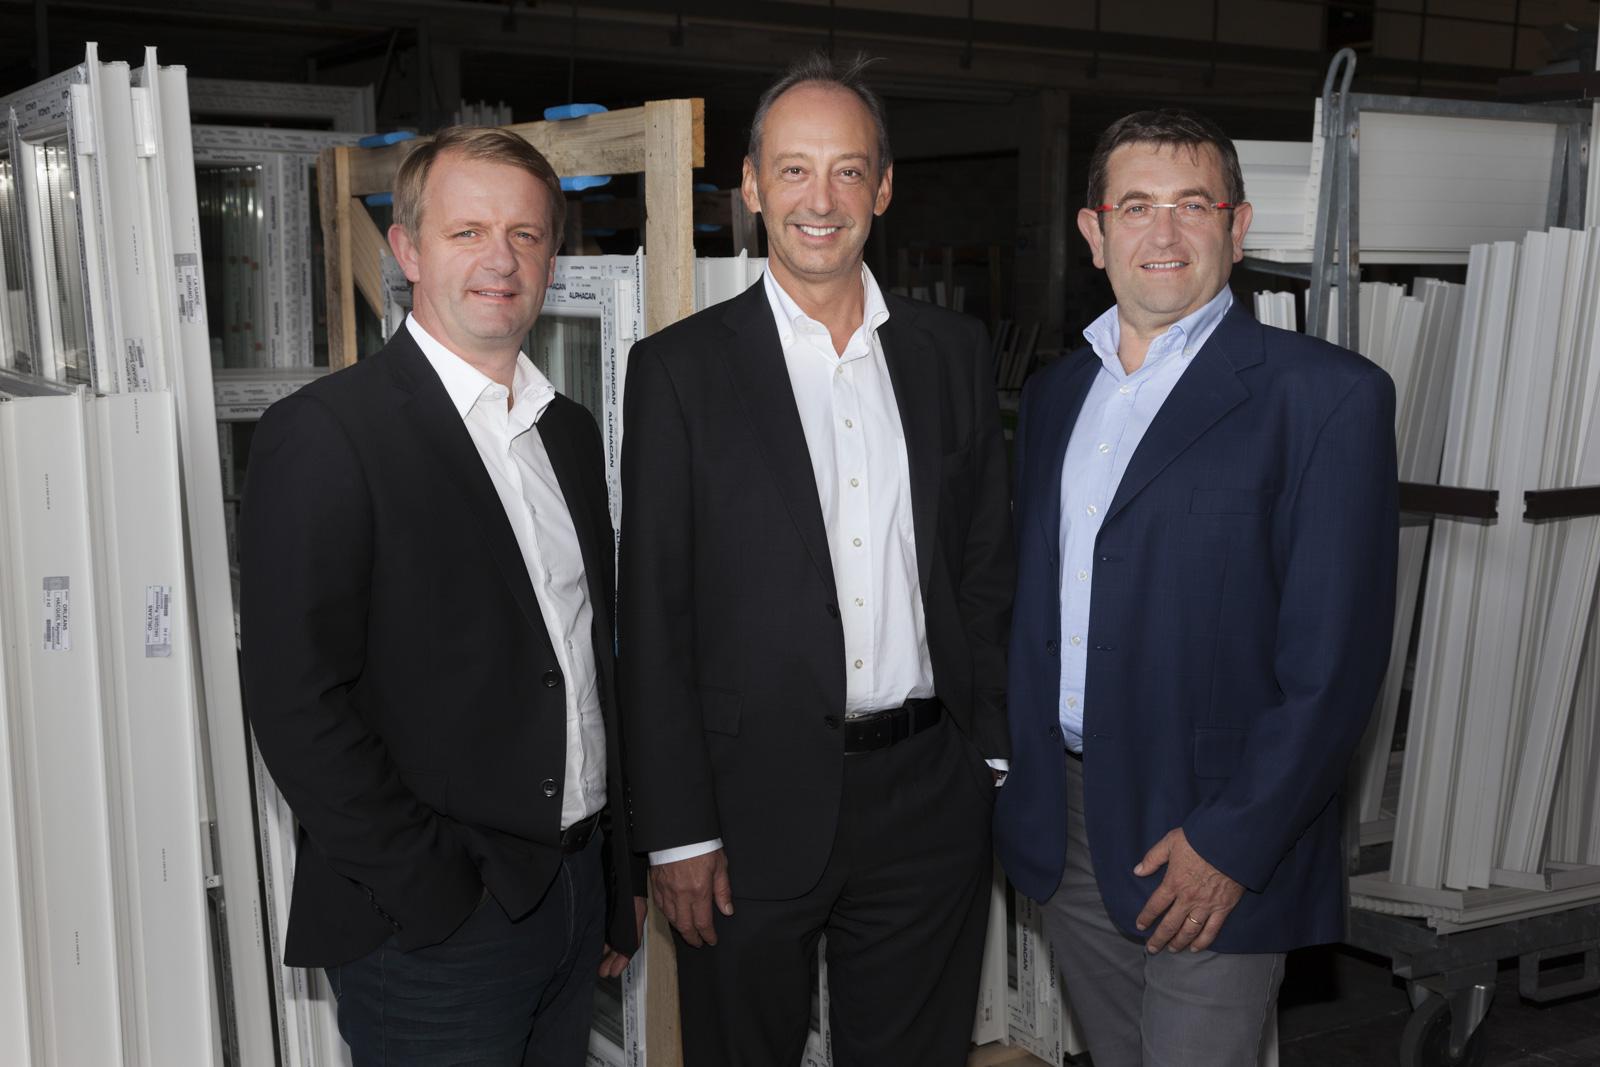 portraits des 3 nouveaux dirigeants du groupe vial matthieu colin photographe marseille paca. Black Bedroom Furniture Sets. Home Design Ideas